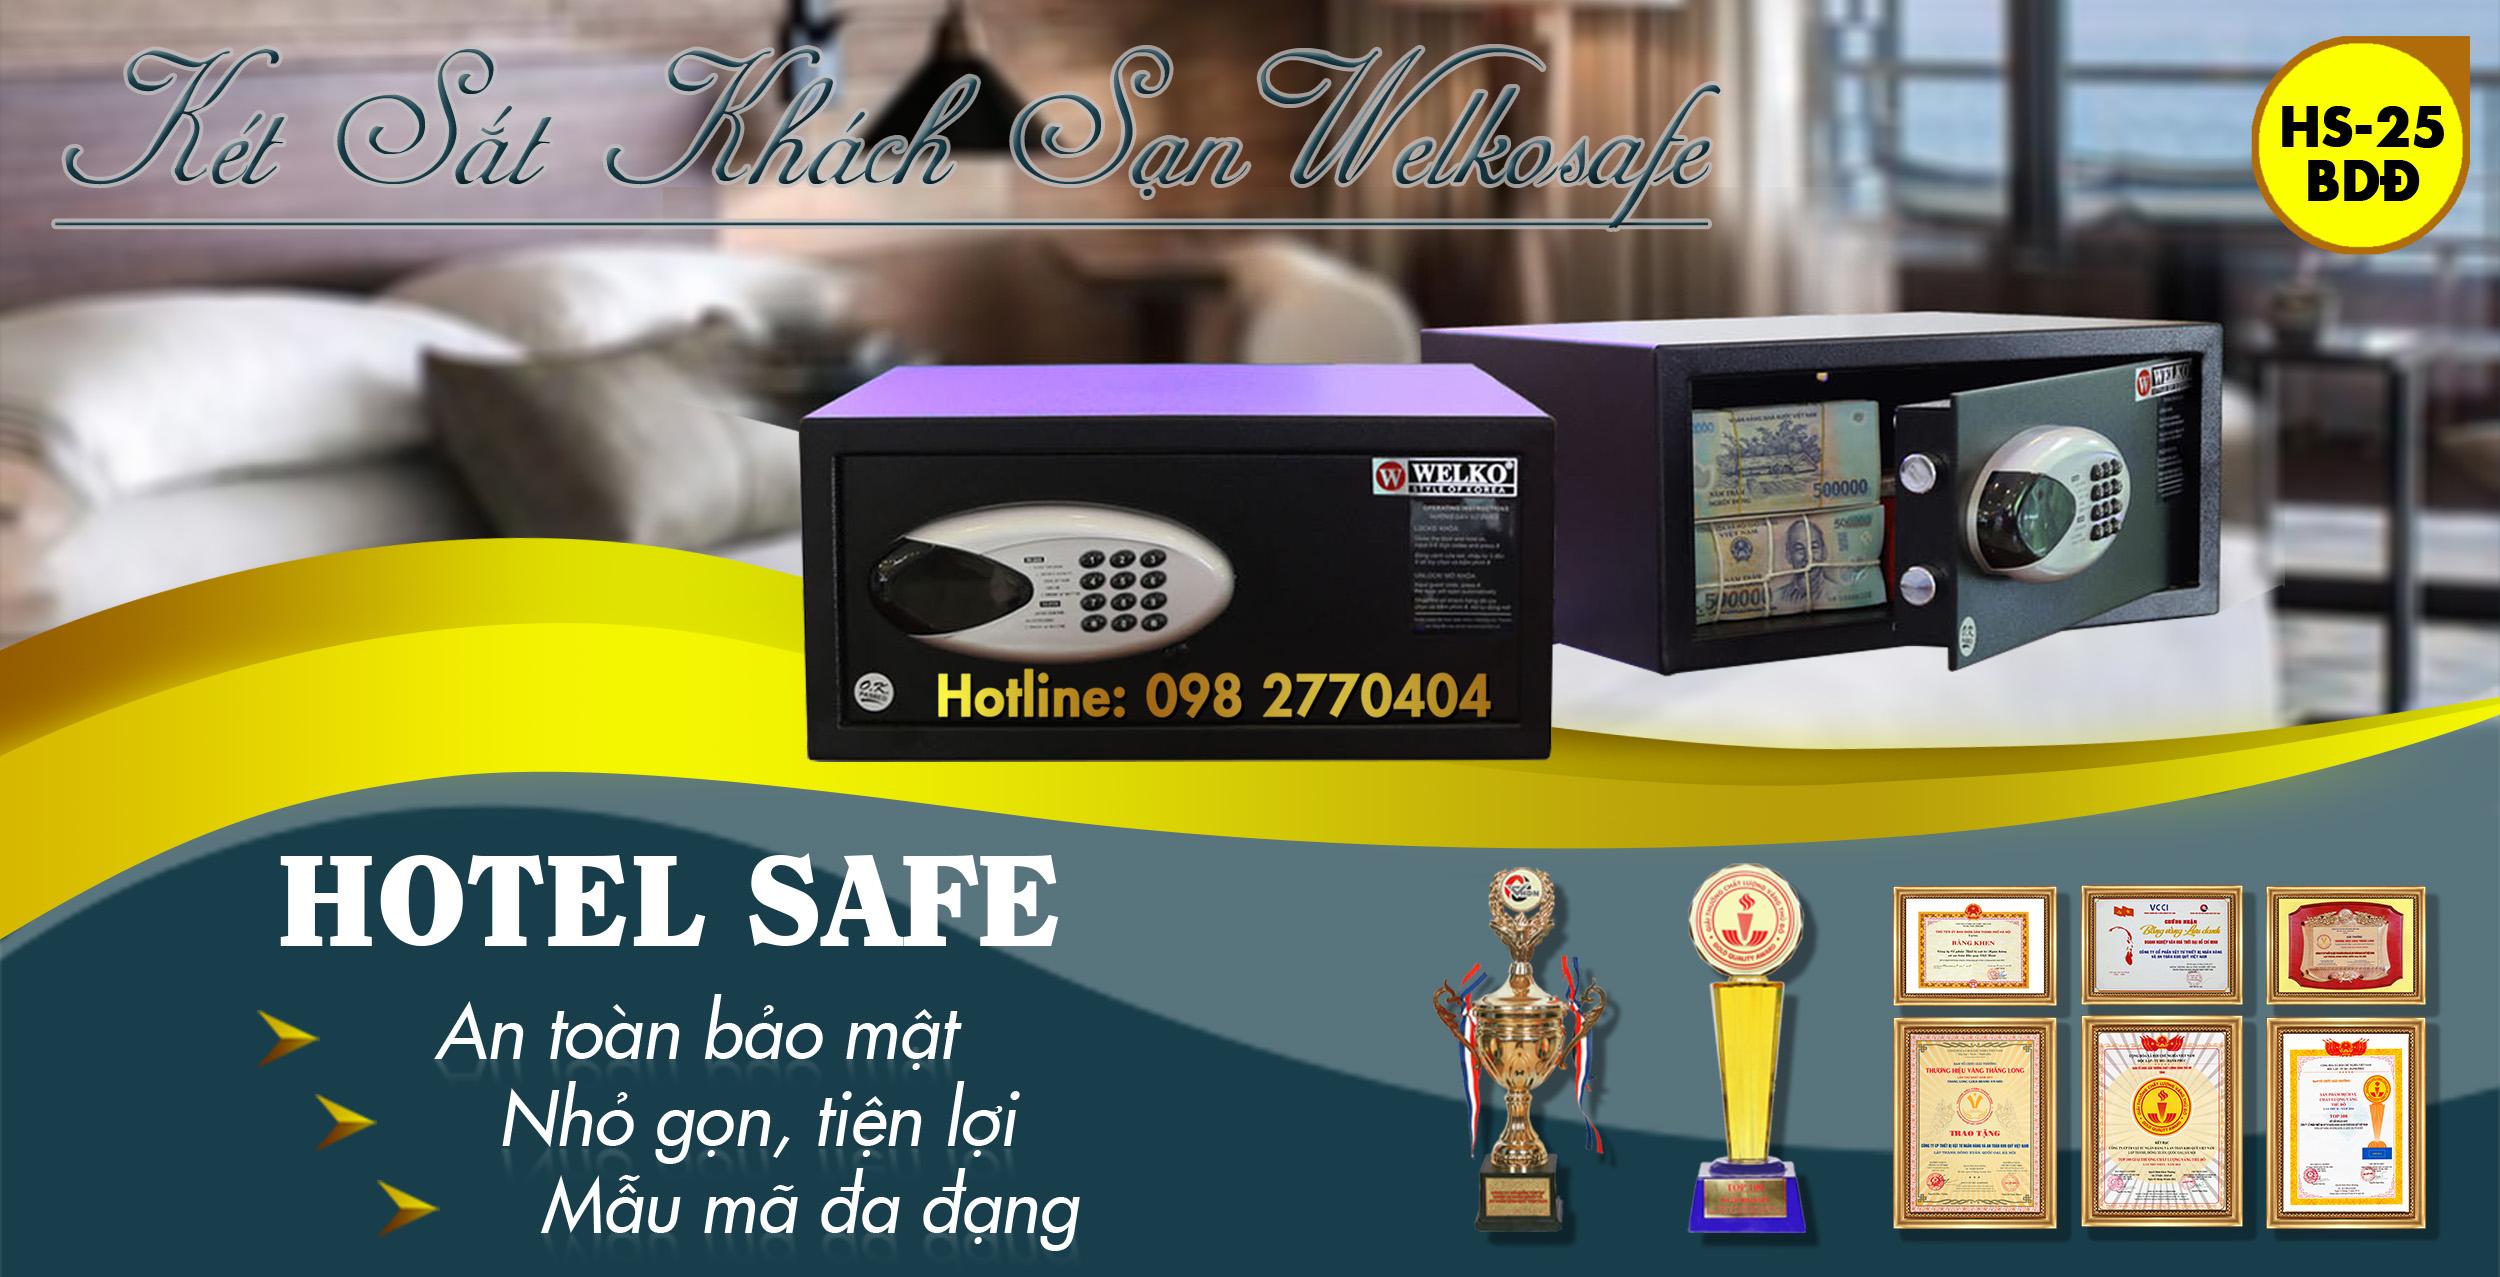 hình ảnh sản phẩm mua két sắt khách sạn điện tử